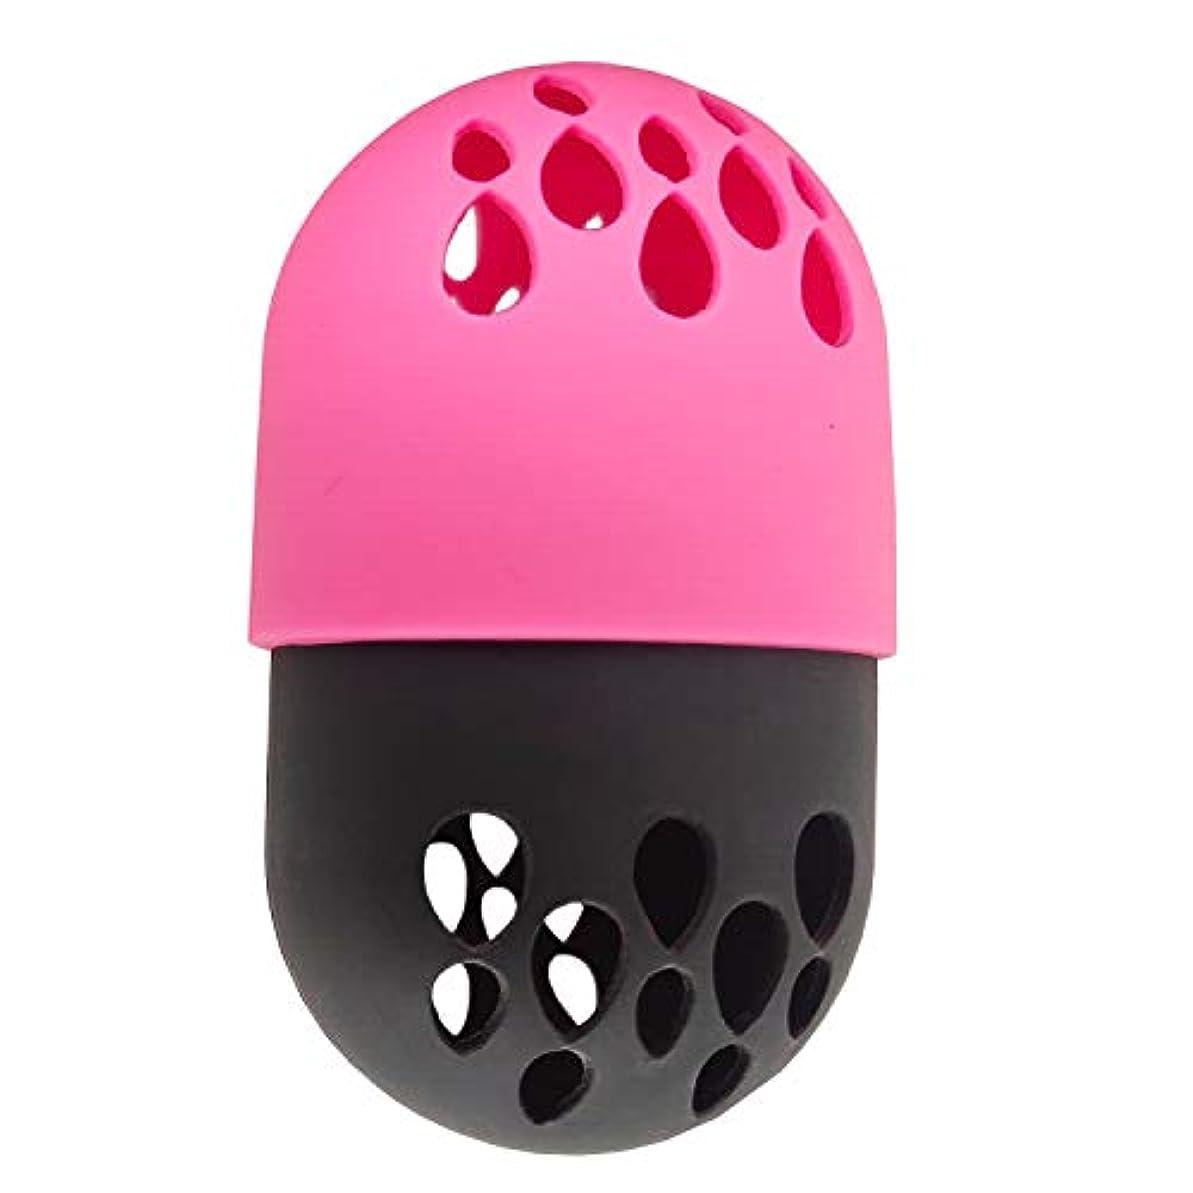 発明する無一文指紋美容スポンジ収納ケース、通気性を柔らか美容スポンジ シリコン旅行 キャリングケース、小型軽量 あらゆる化粧スポンジ適用 (ピンク)